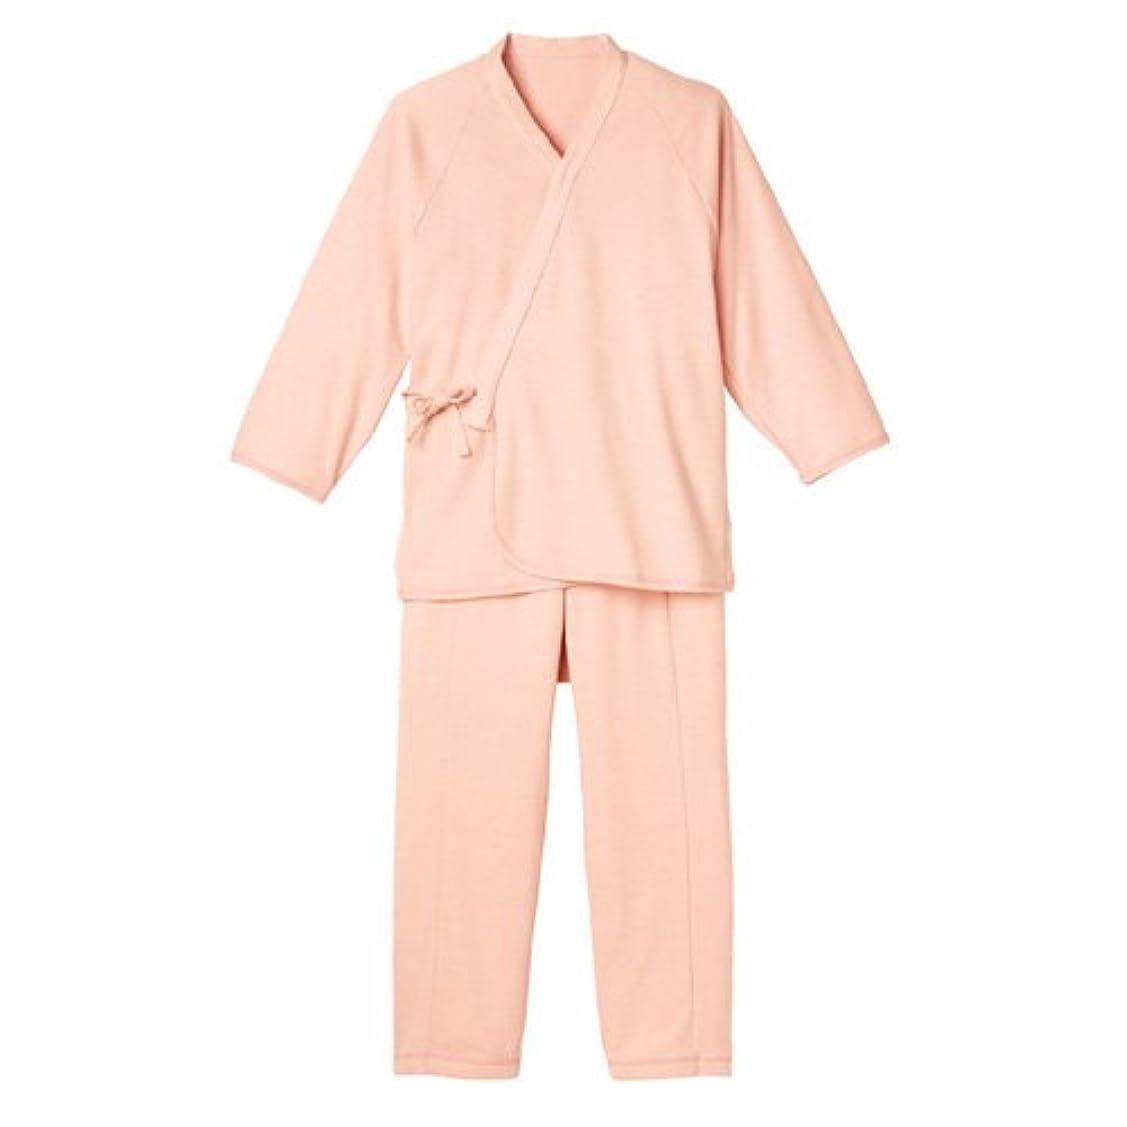 クライマックスメロディアス罪人日本エンゼル ソフトパジャマ 婦人用 M ローズピンク